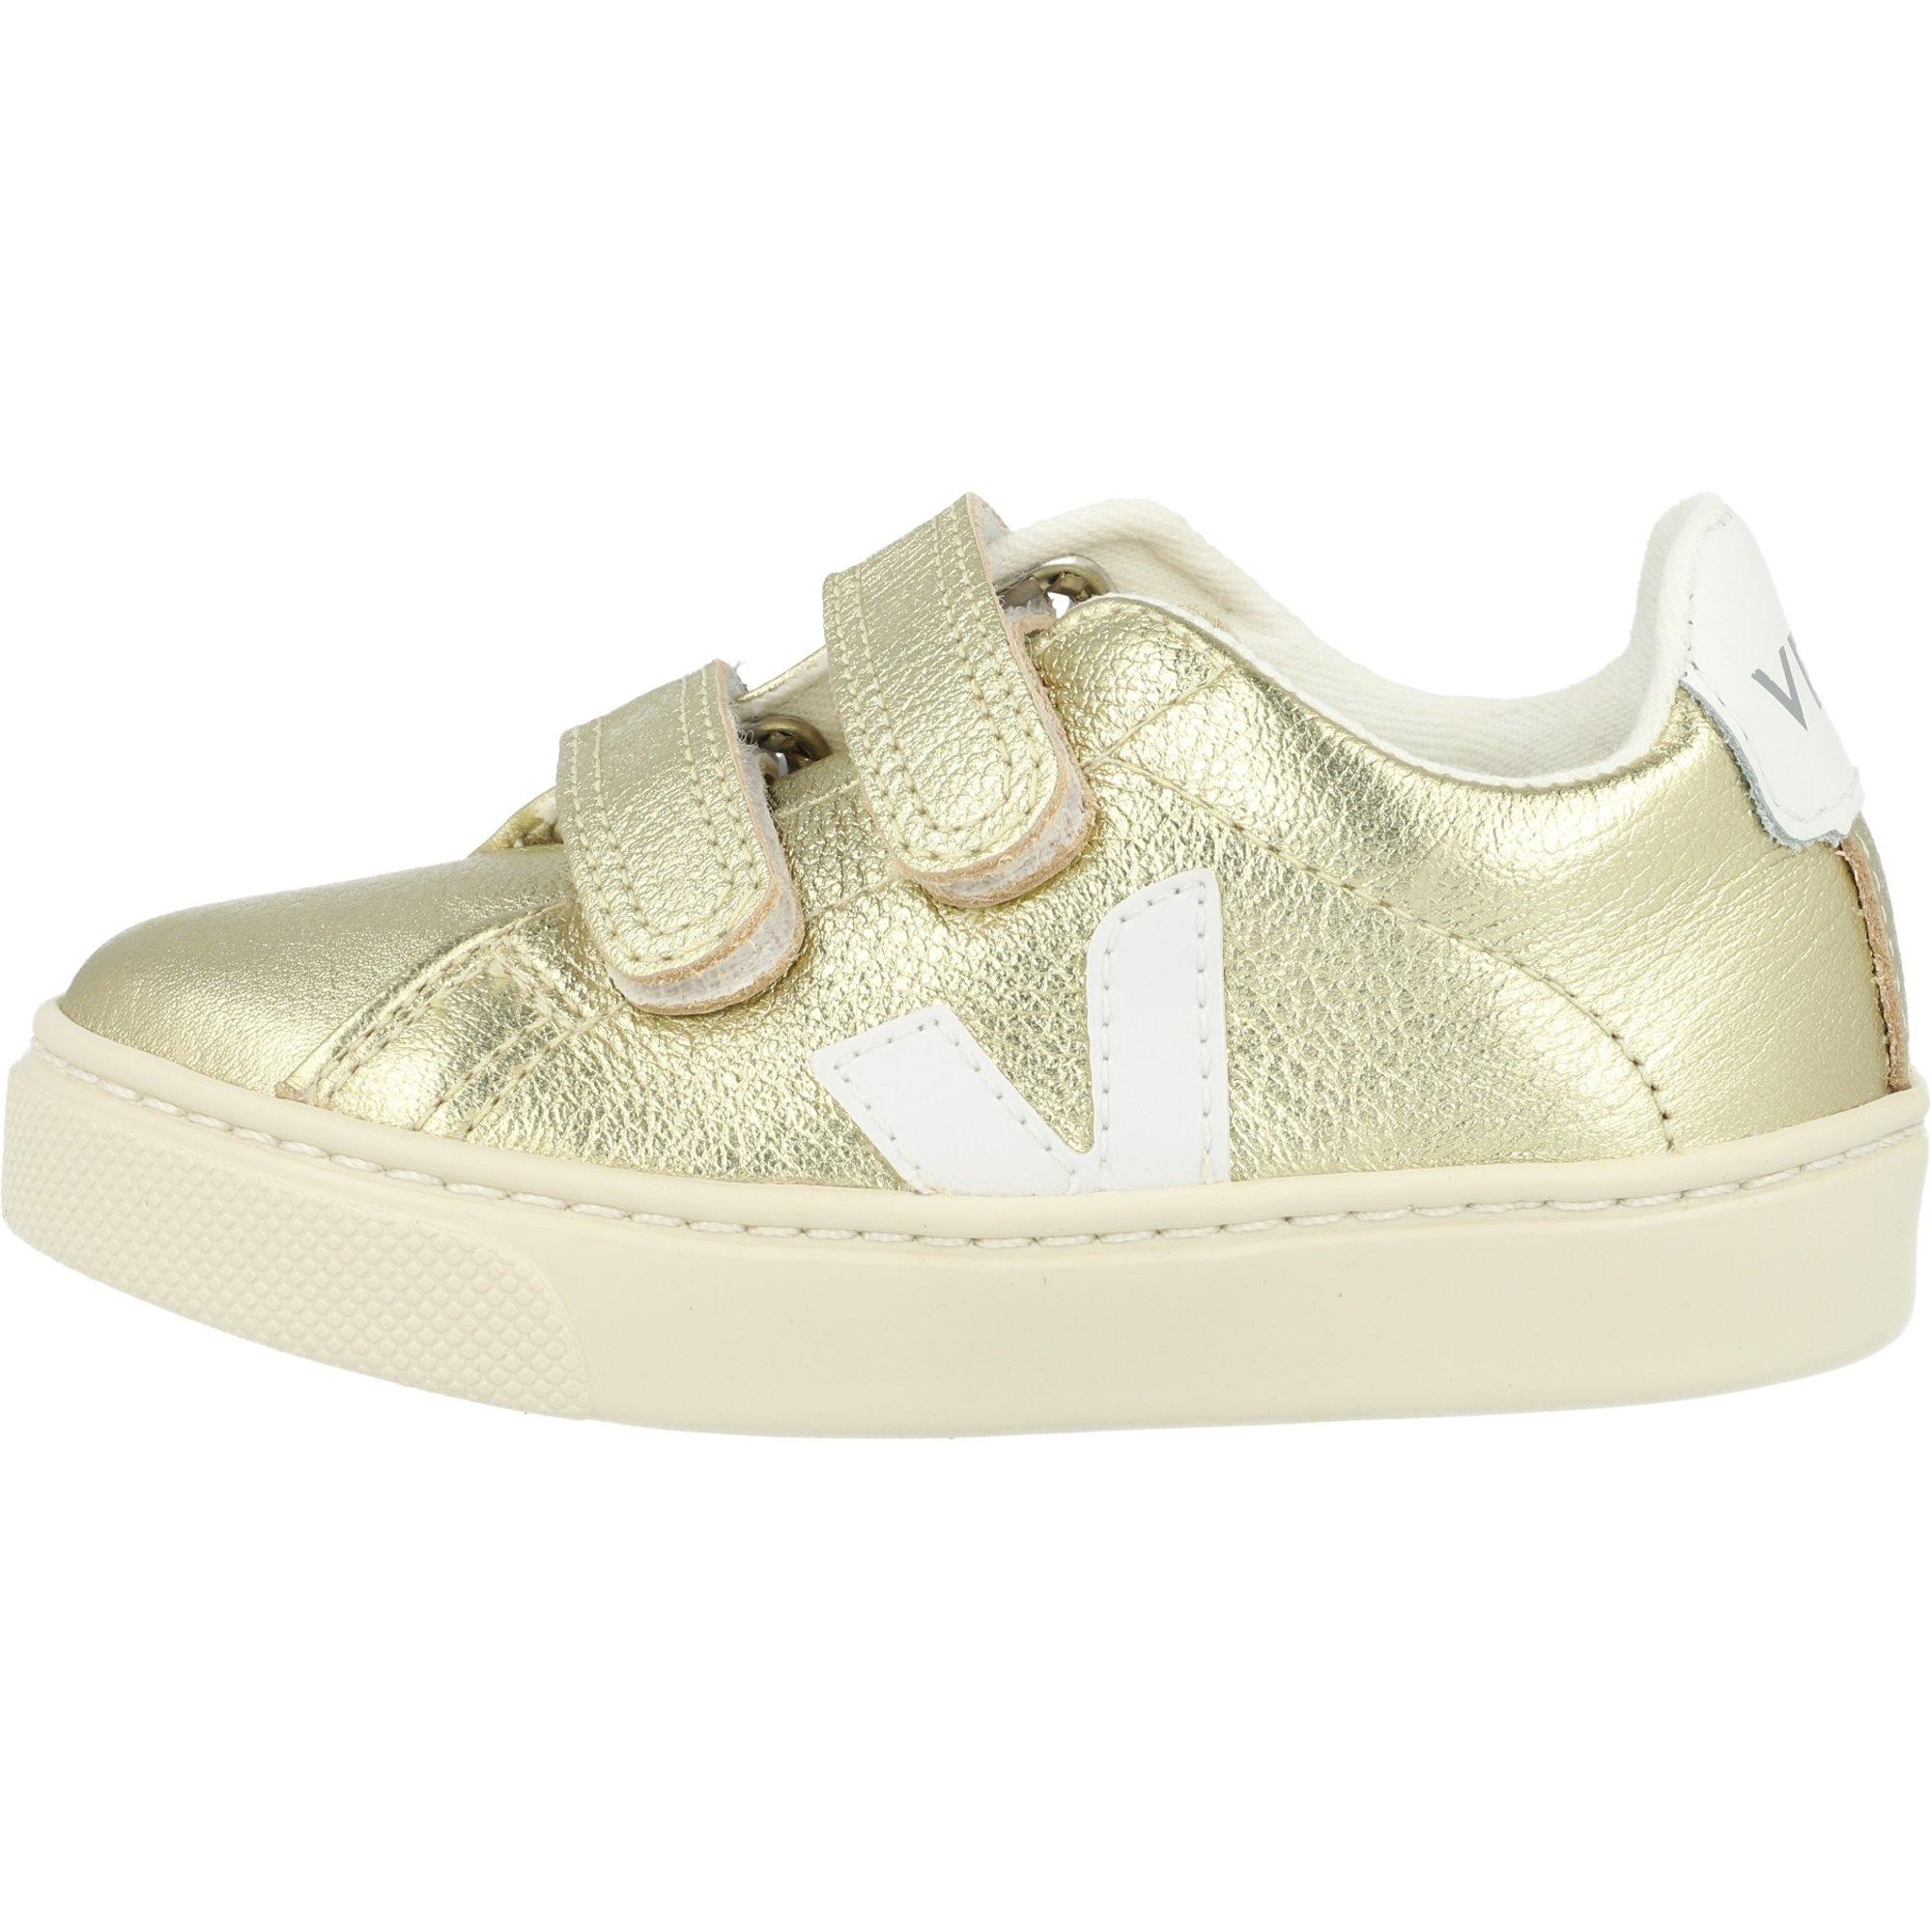 Veja Esplar Velcro Gold/White Leather Infant